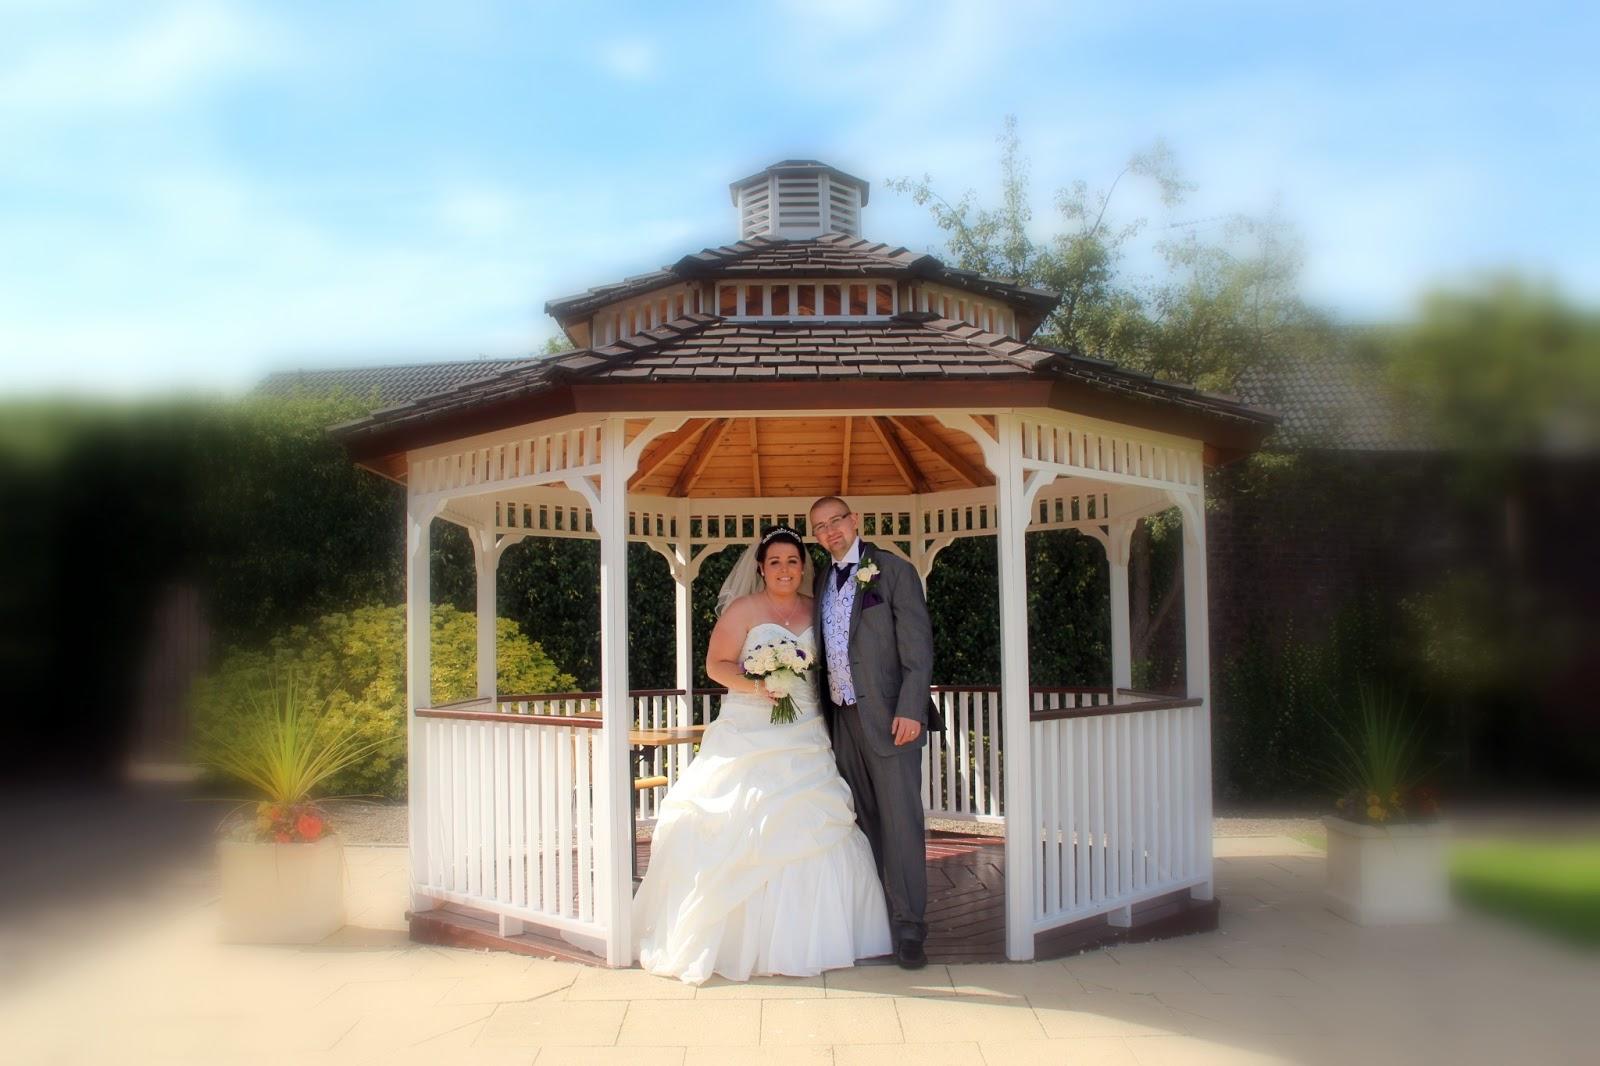 Prescot Registry Office Wedding 2 Www Weddingworldphoto Webeden Co Uk